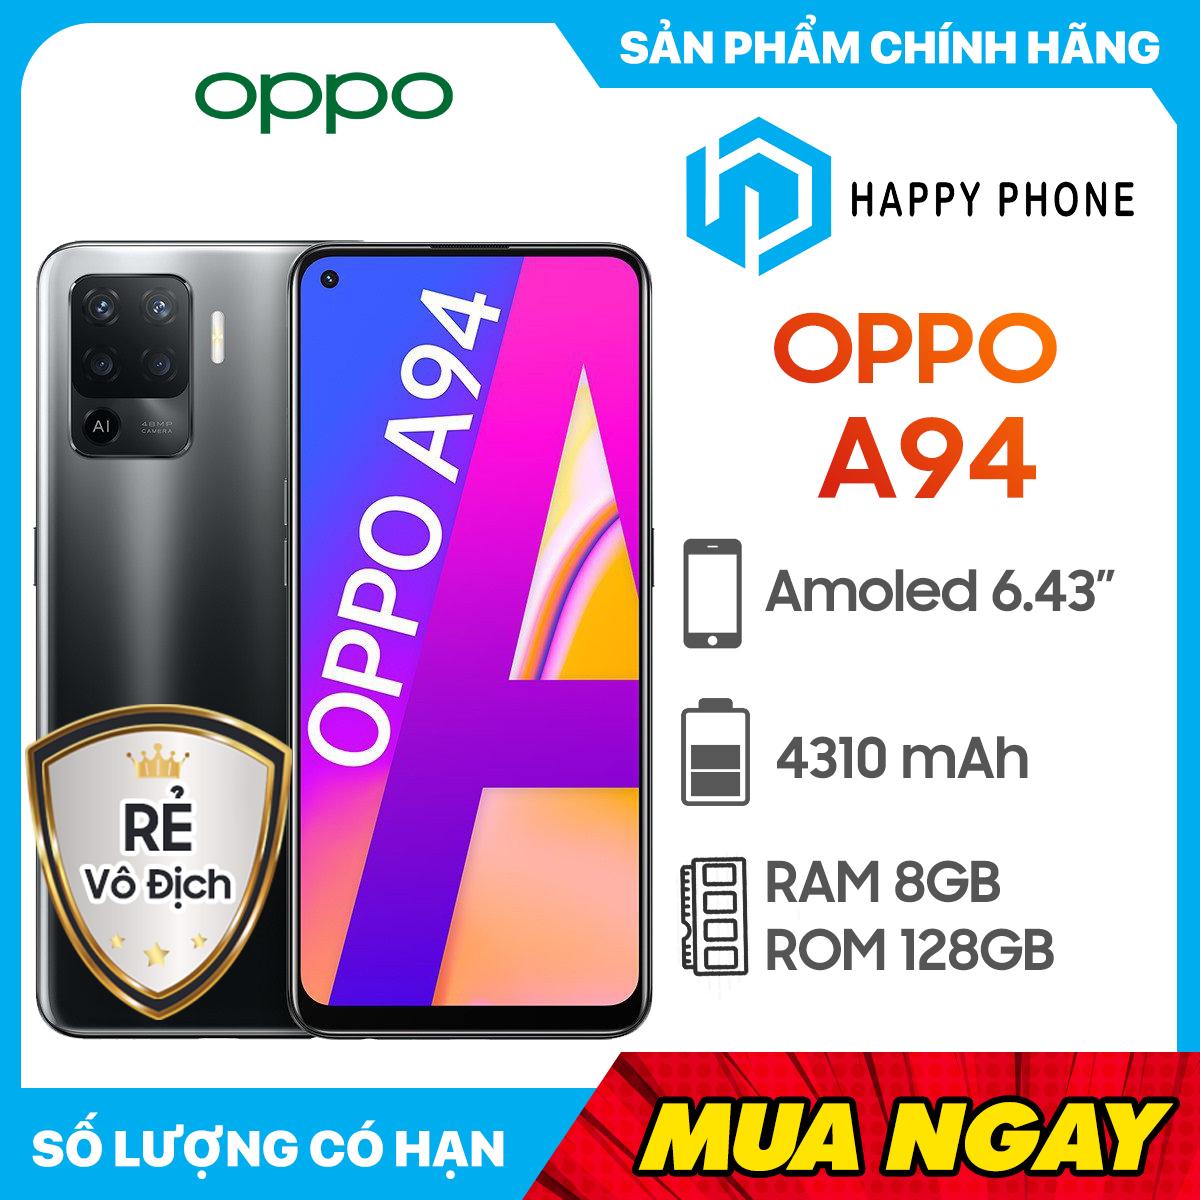 [Trả góp 0%] Điện thoại OPPO A94 (8GB/128GB)- Hàng chính hãng mới 100% Nguyên Seal Bảo hành 12 tháng